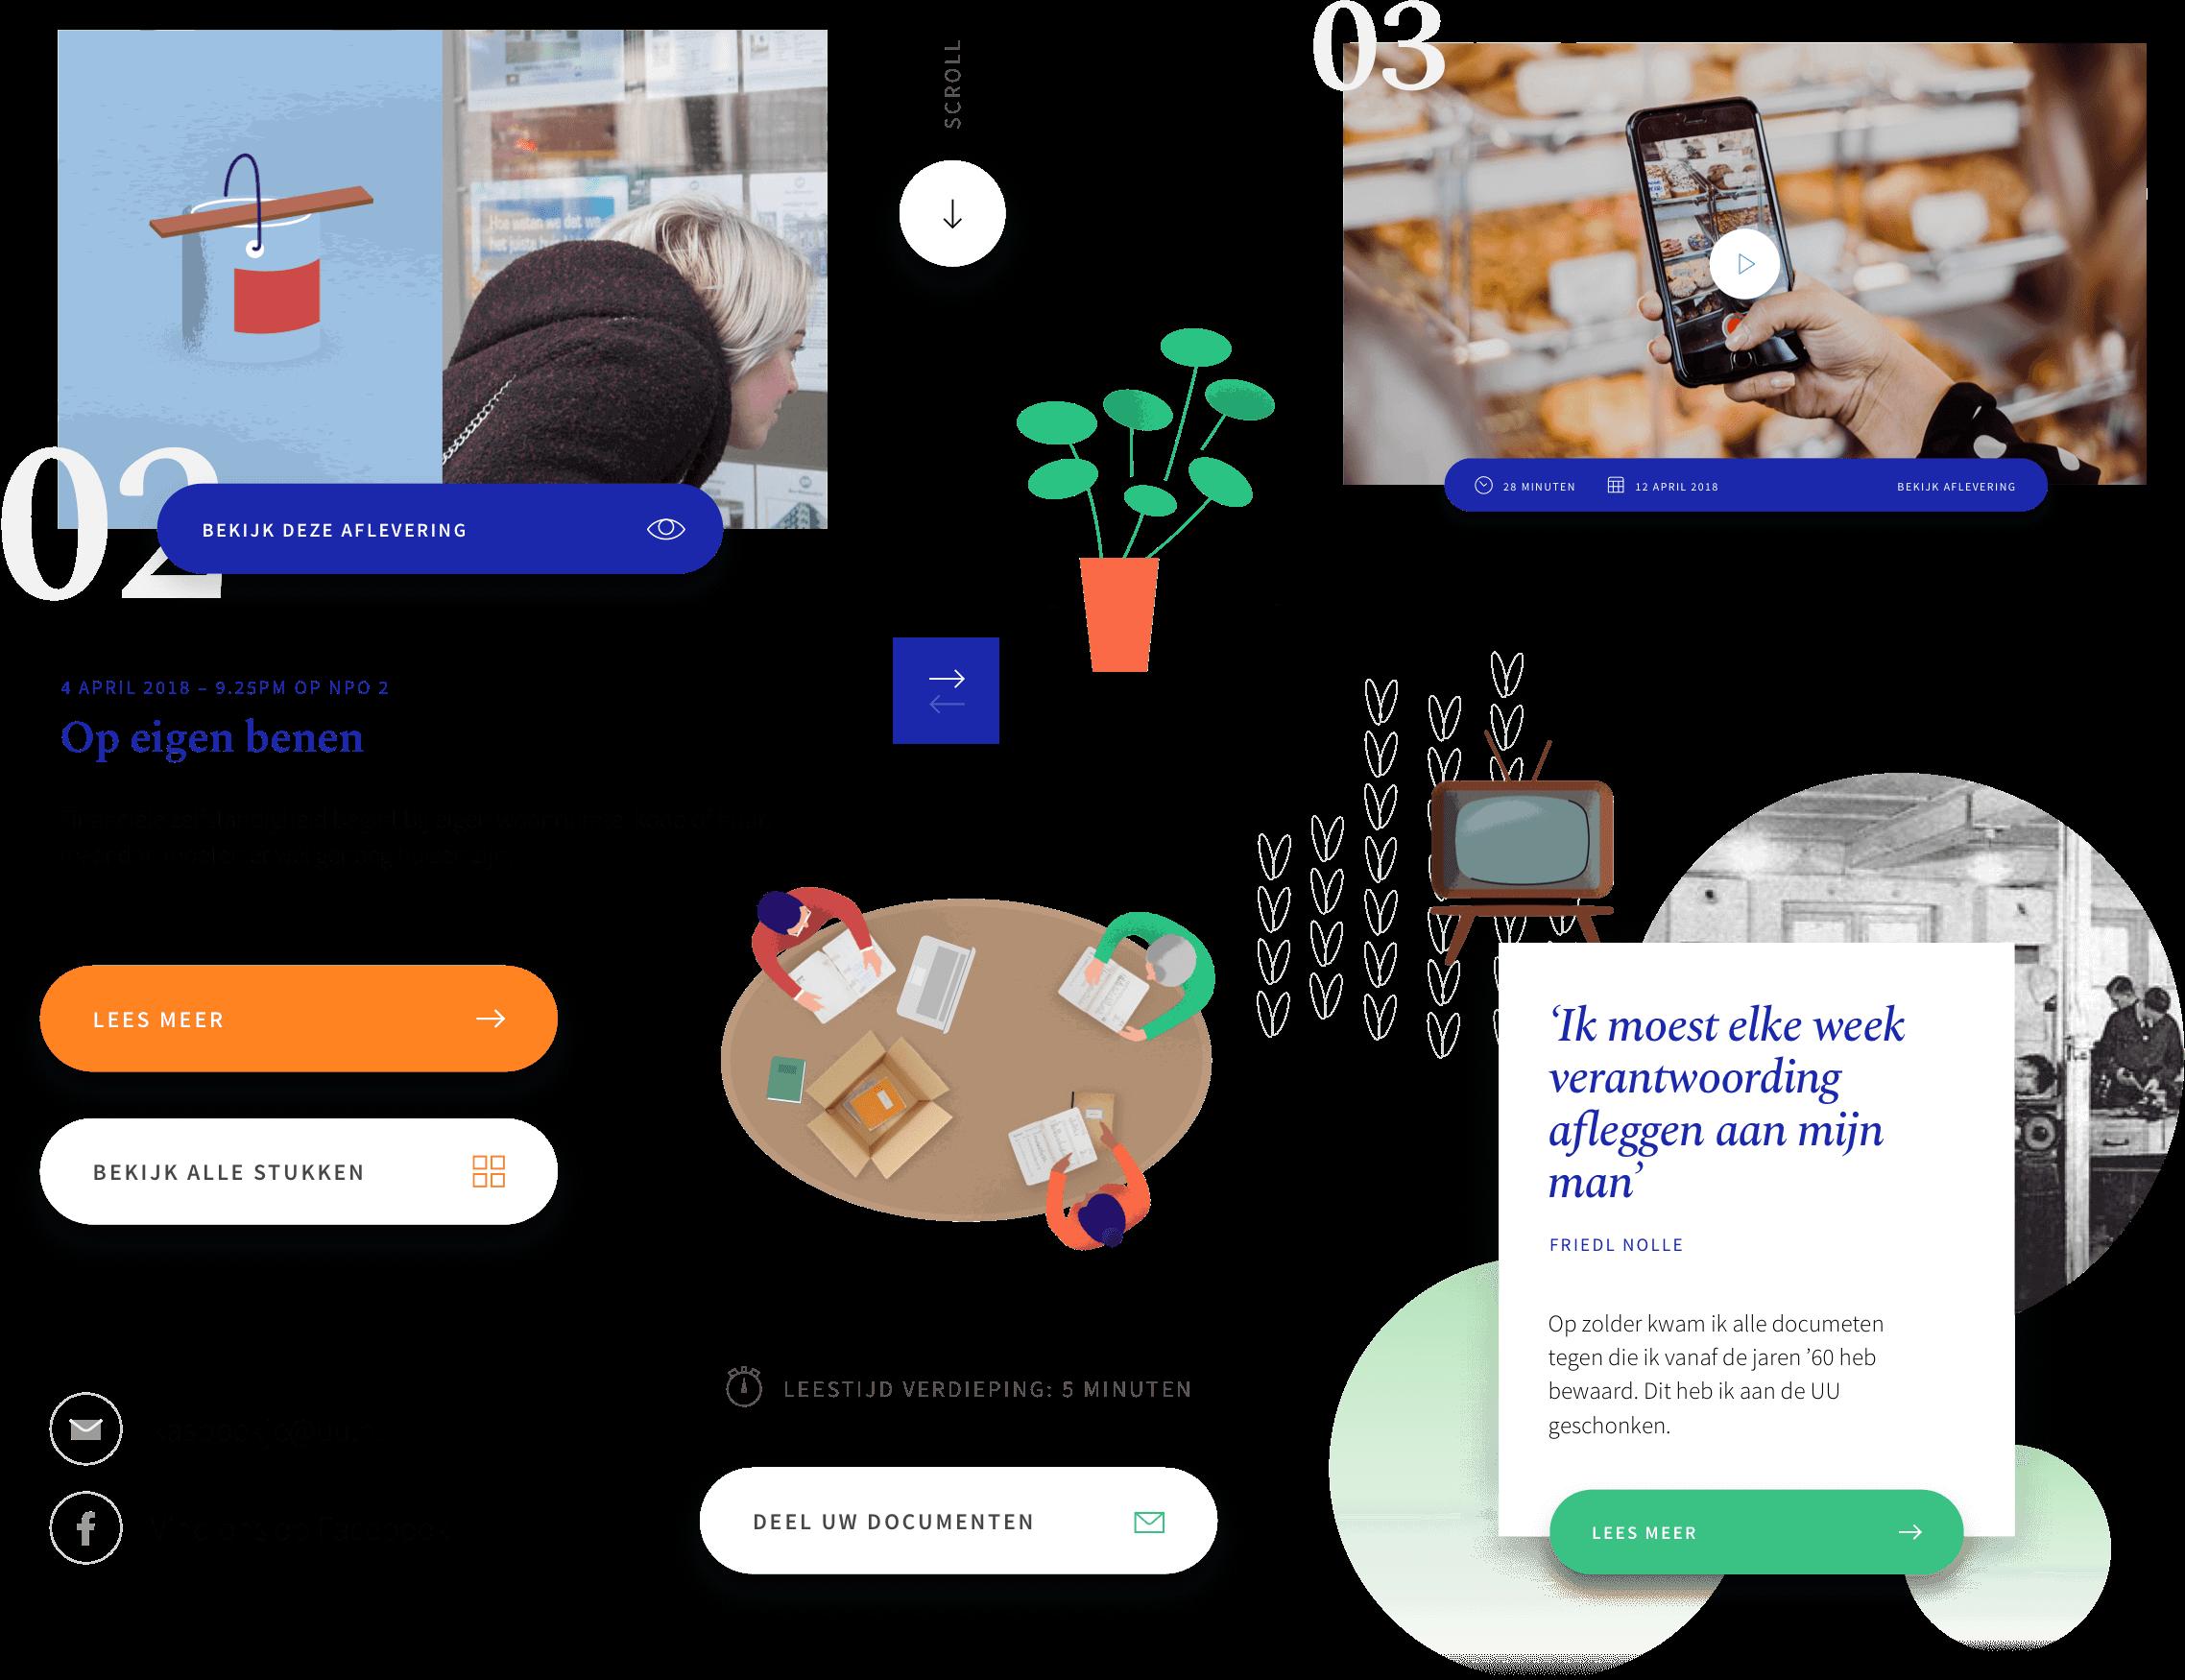 Kasboekje van Nederland user interface components